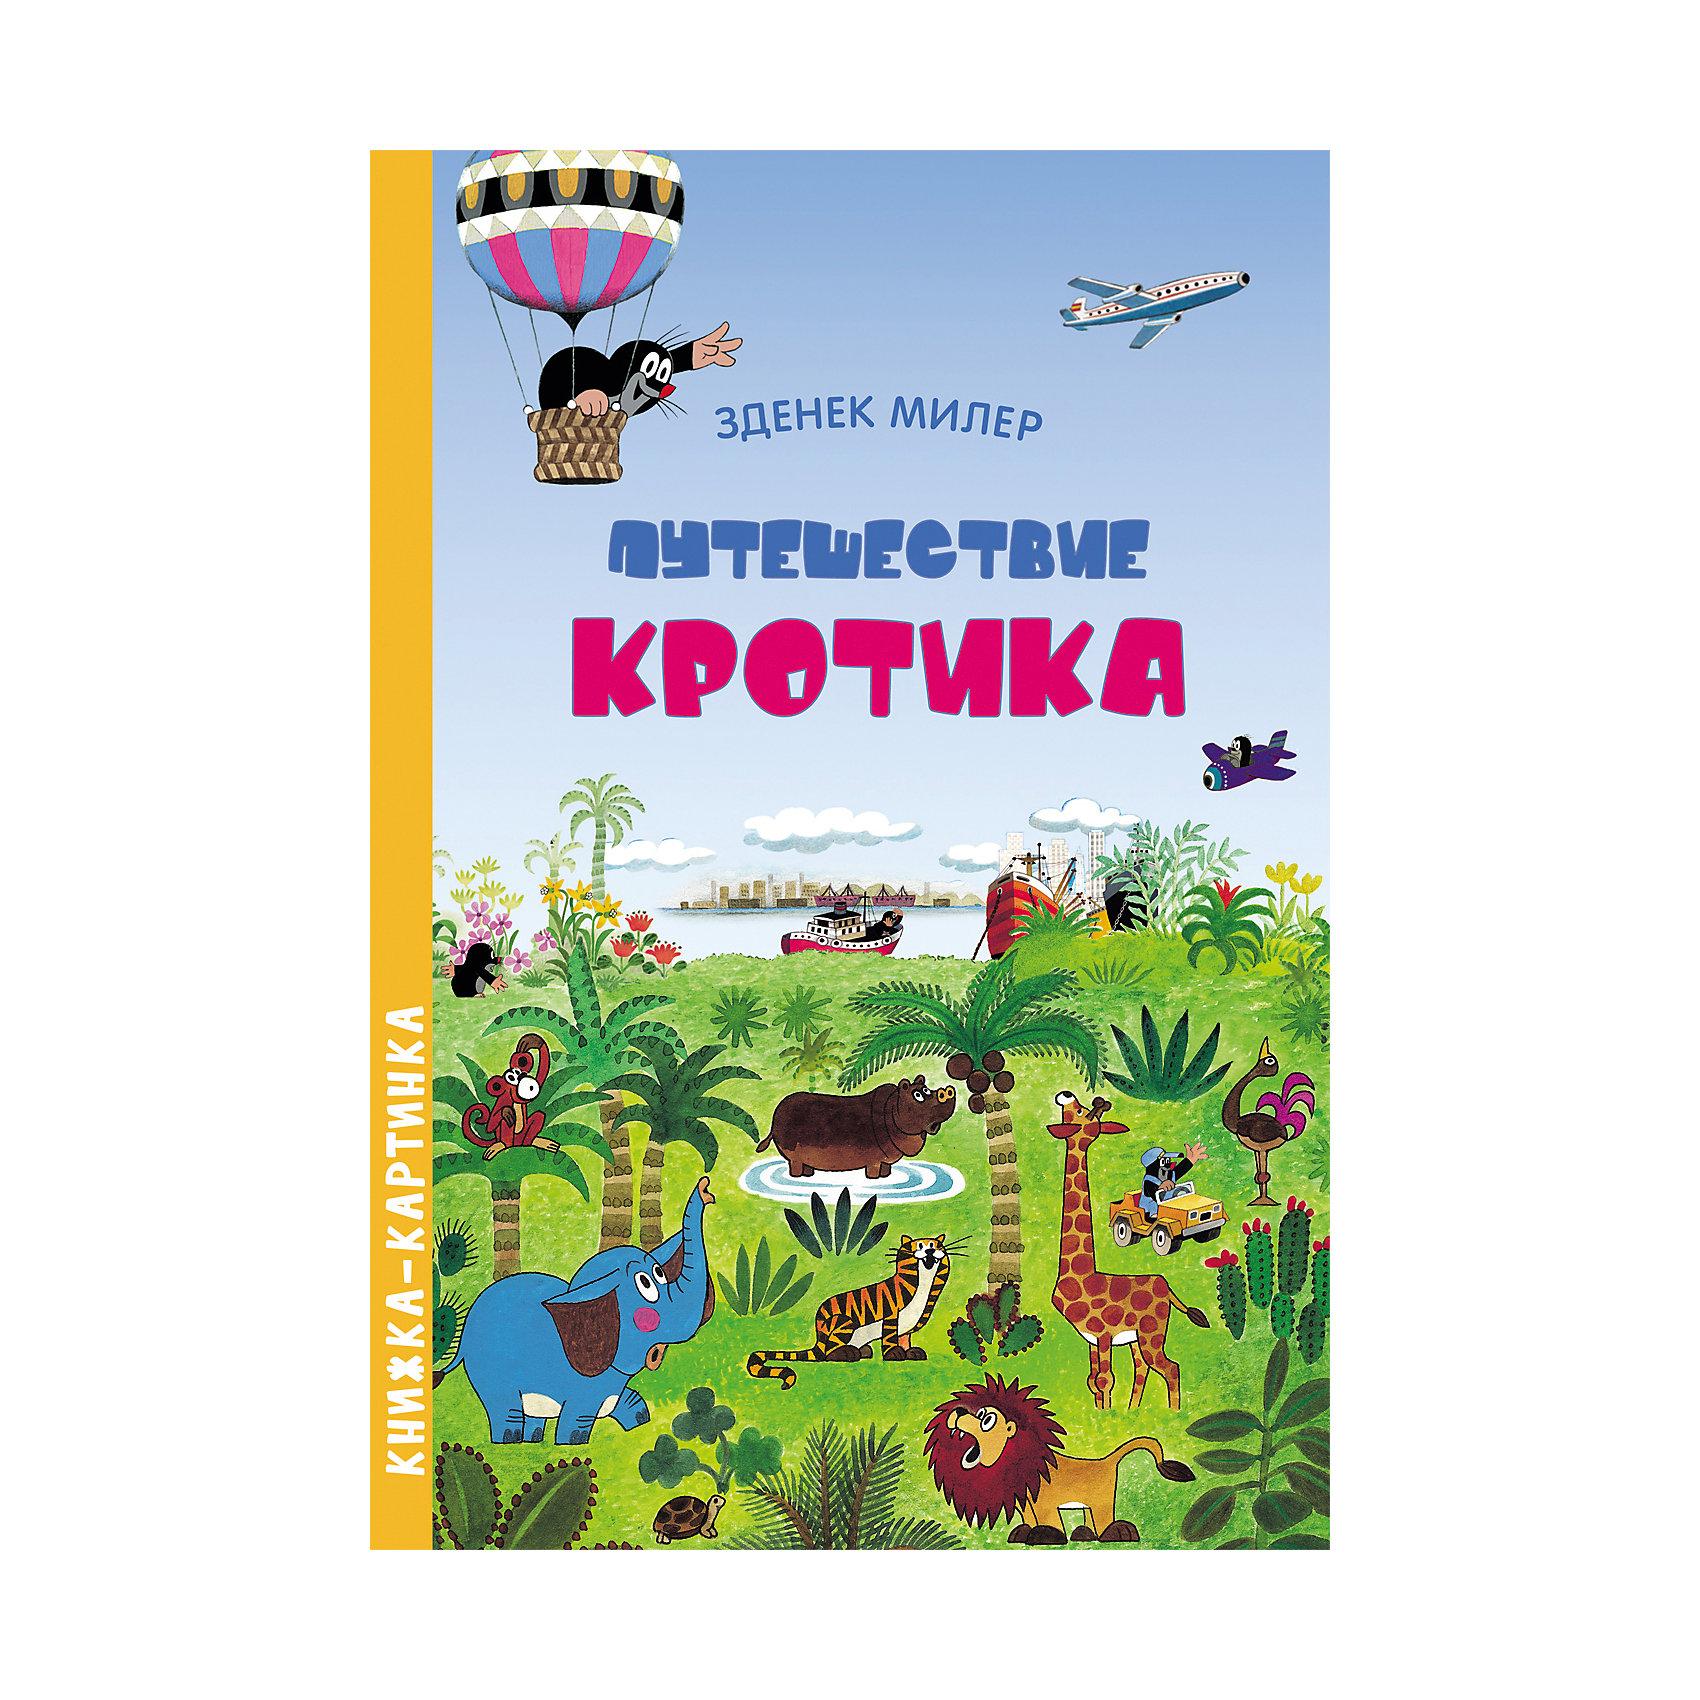 Книжка с картинками Путешествие кротикаРосмэн<br>Книжки-картинки с яркими иллюстрациями непременно понравятся детям. Ведь в них много неожиданных и интересных деталей, которые можно разглядывать бесконечно долго и каждый раз находить что-то новое!&#13;<br>В этой книге храбрый Кротик отправился в большое путешествие. Он летает на воздушном шаре над лесами и городами, плавает на корабле в бескрайнем море, взбирается на горы и спускается в ущелья. Вот так Кротик! Если ваш ребёнок отправится в путешествие по ярким страничкам, он отыщет знаменитого персонажа Зденека Милера ещё во множестве самых разных уголков мира.<br><br>Ширина мм: 320<br>Глубина мм: 220<br>Высота мм: 80<br>Вес г: 310<br>Возраст от месяцев: -2147483648<br>Возраст до месяцев: 2147483647<br>Пол: Унисекс<br>Возраст: Детский<br>SKU: 5453585